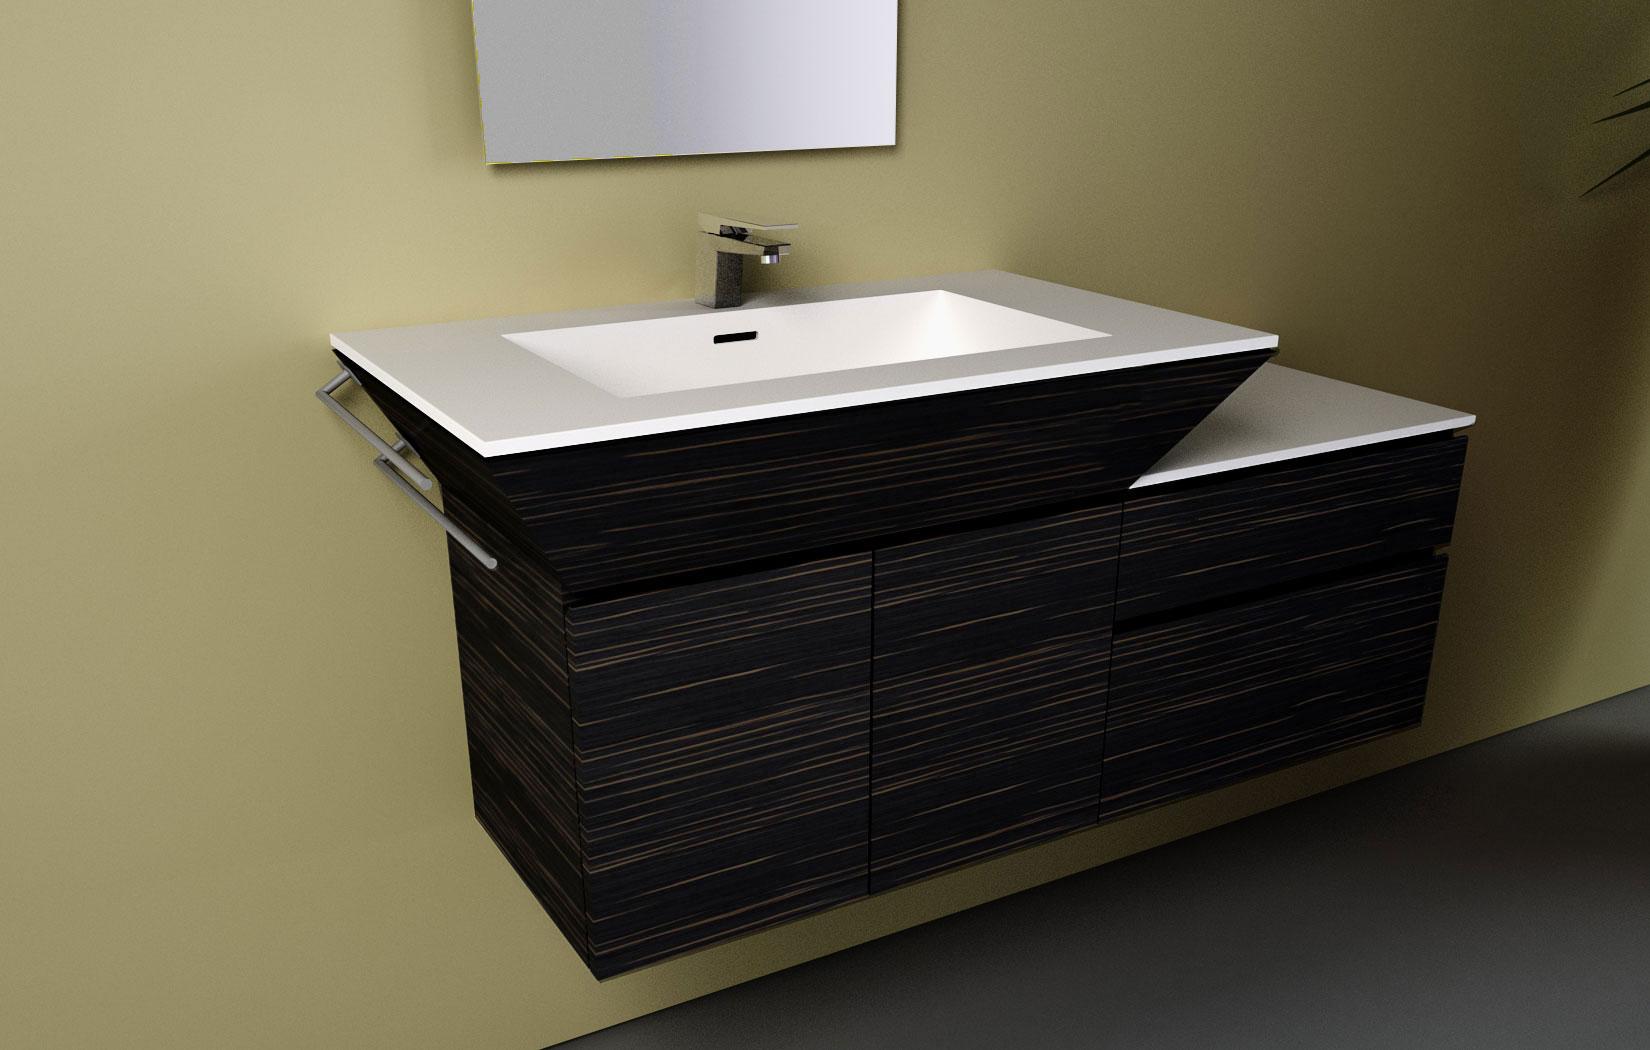 lune design - lavabo da bagno 'refin' - Lavabo Bagno In Corian Prezzi